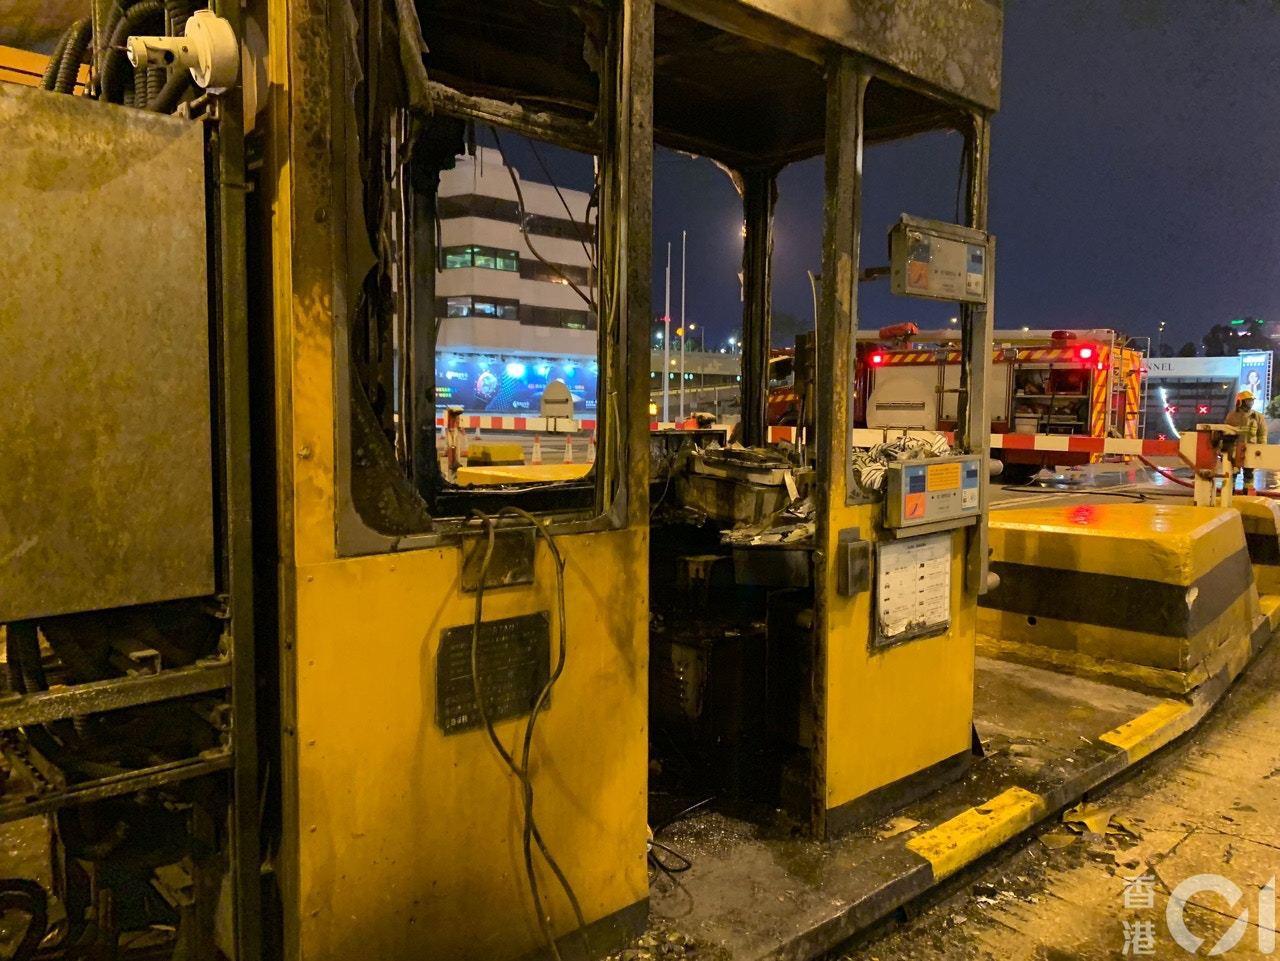 入夜後,香港紅磡海底隧道收費亭、電箱等多處被縱火。(香港01)